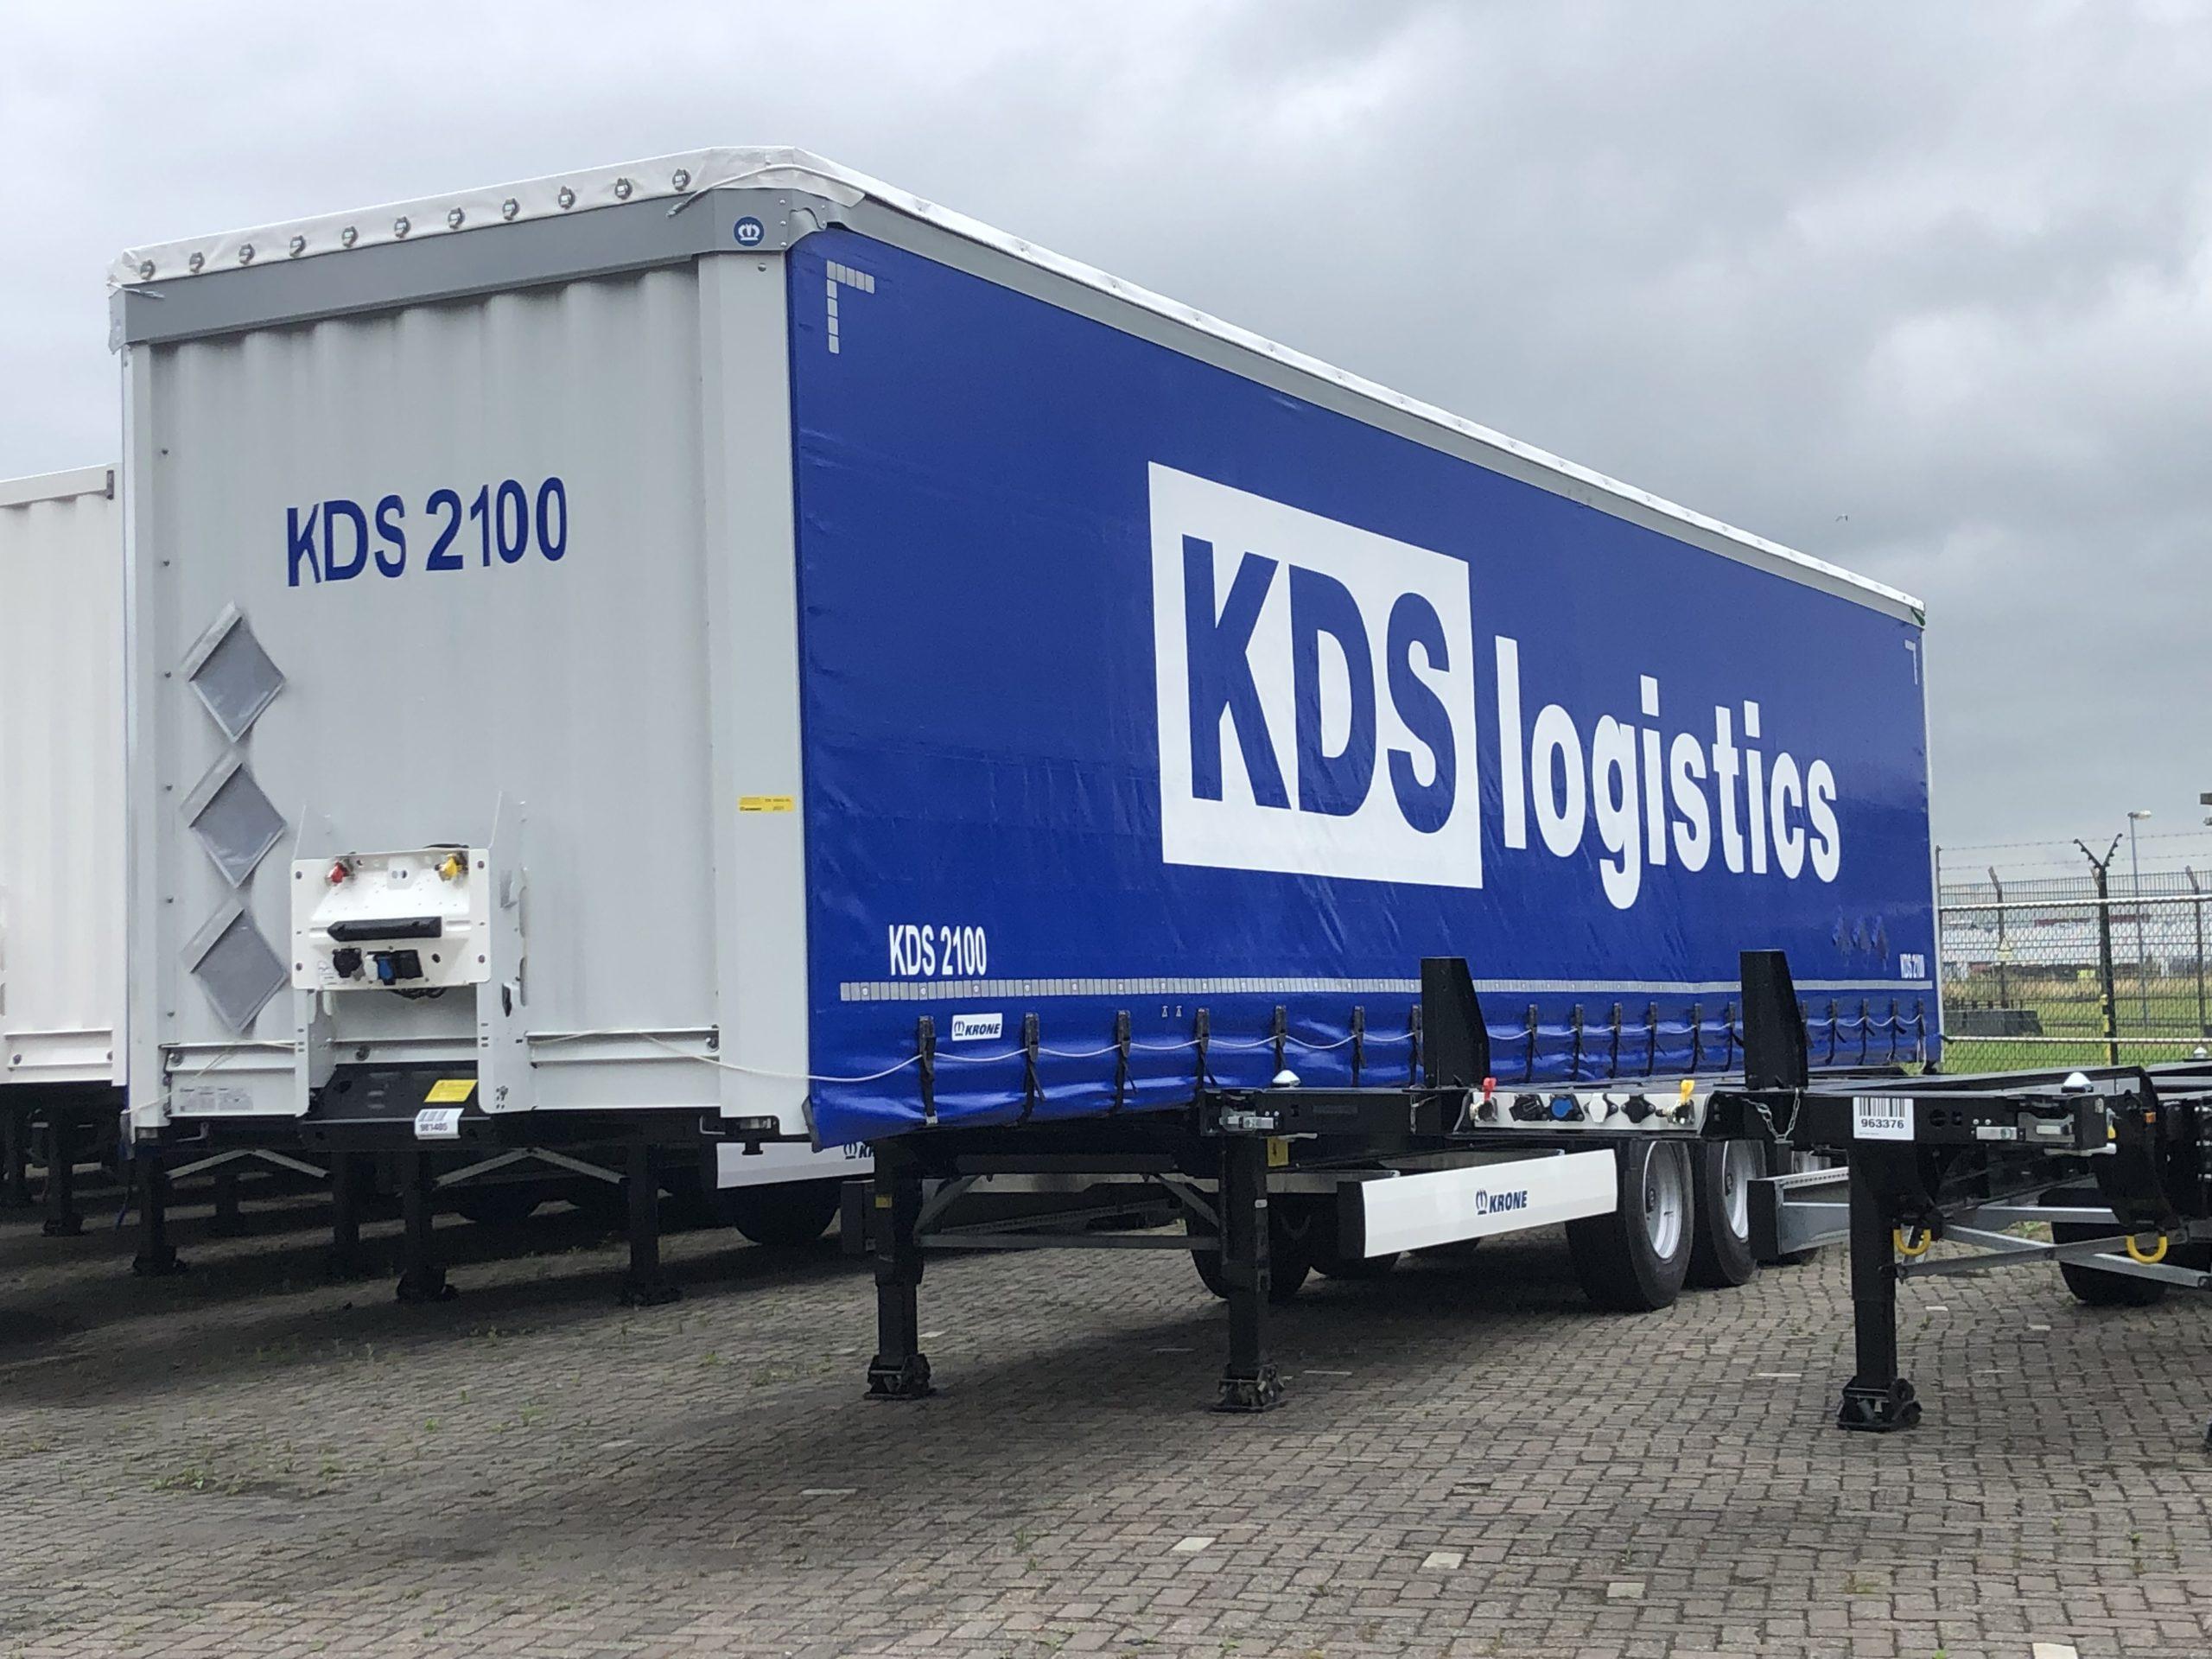 https://www.kdslogistics.nl/wp-content/uploads/2021/07/kds-2100-2-scaled.jpg